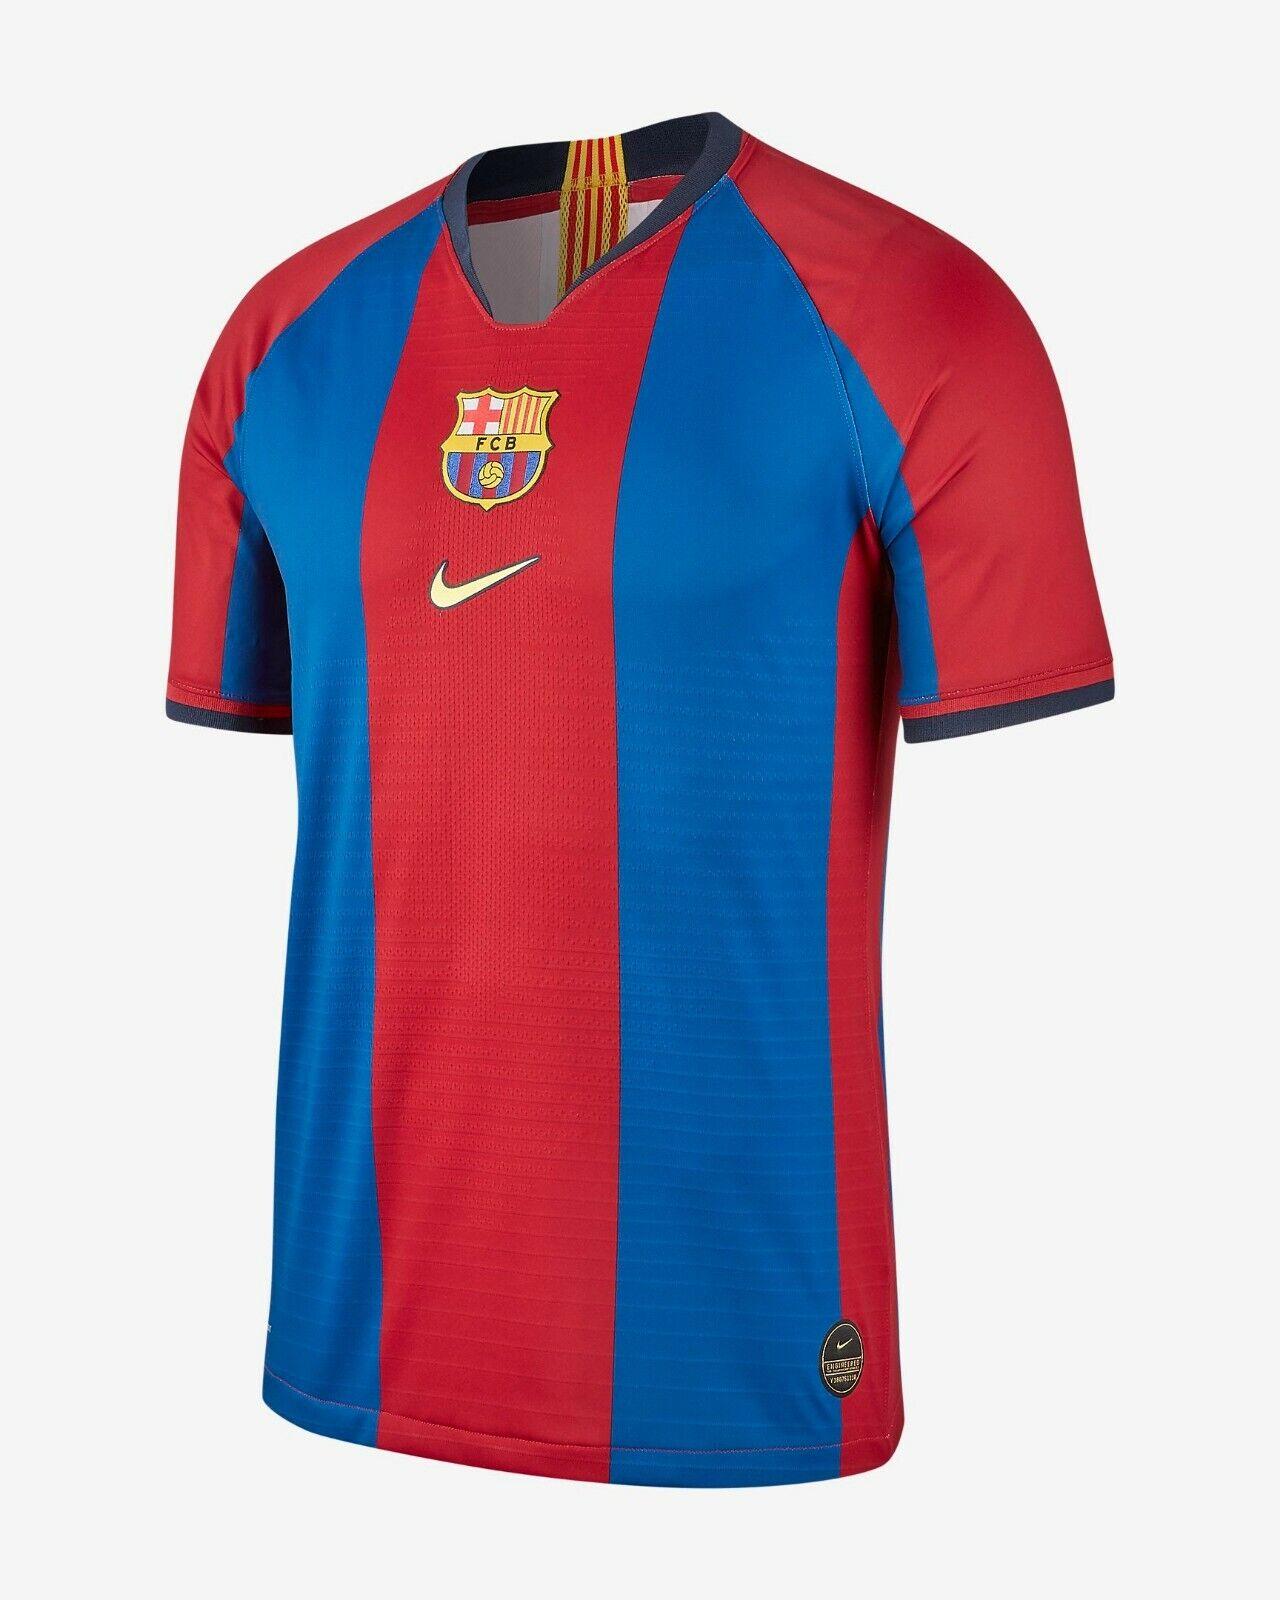 Camiseta Nike FC Barcelona Vapor match 98 99 remake Medio M 98 99 Edición Limitada